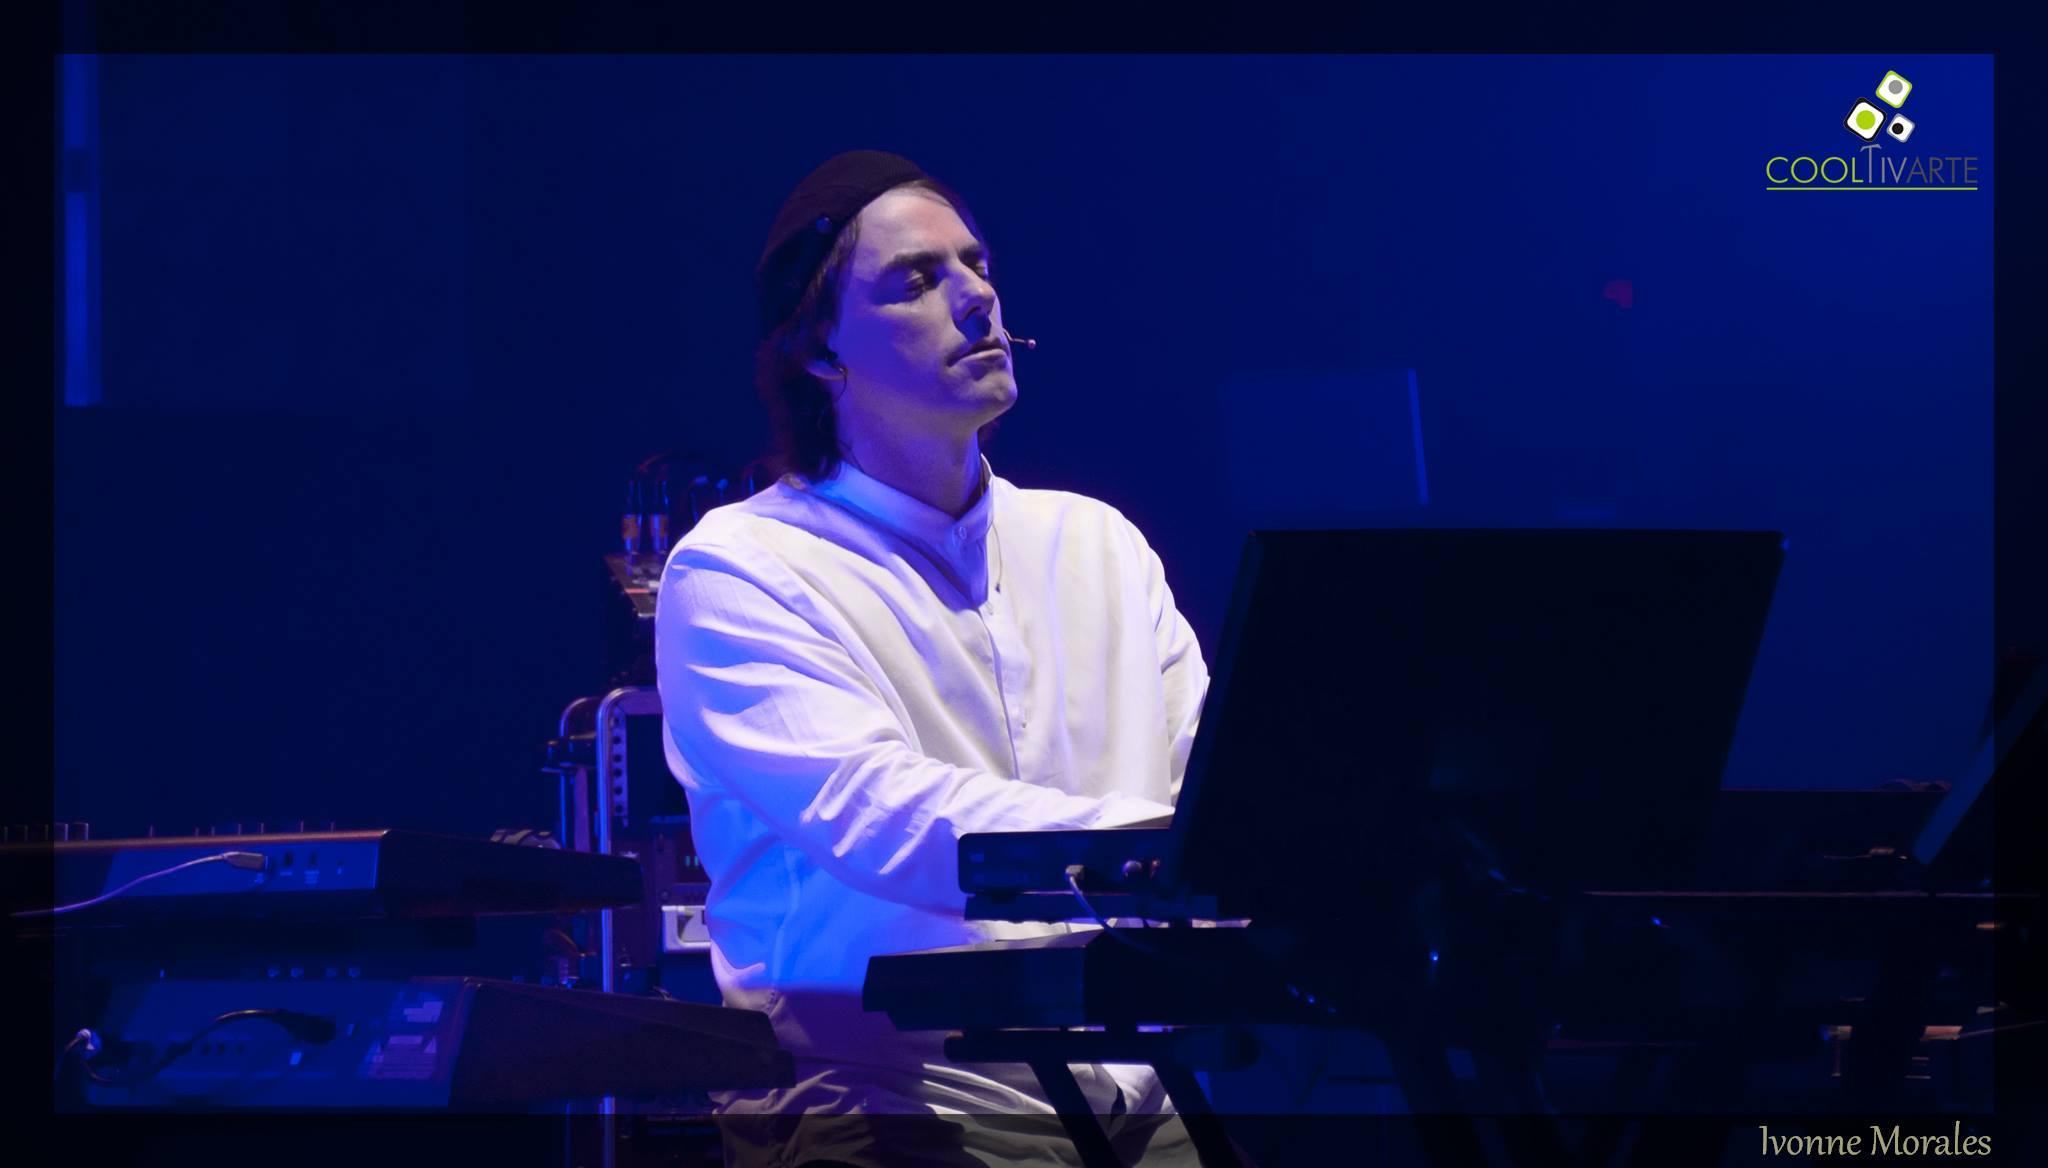 Emil Montgomery en concierto. 25 Años. Teatro Solís (Sitio Oficial) - 4 de Mayo 2016. Foto © Ivonne Morales